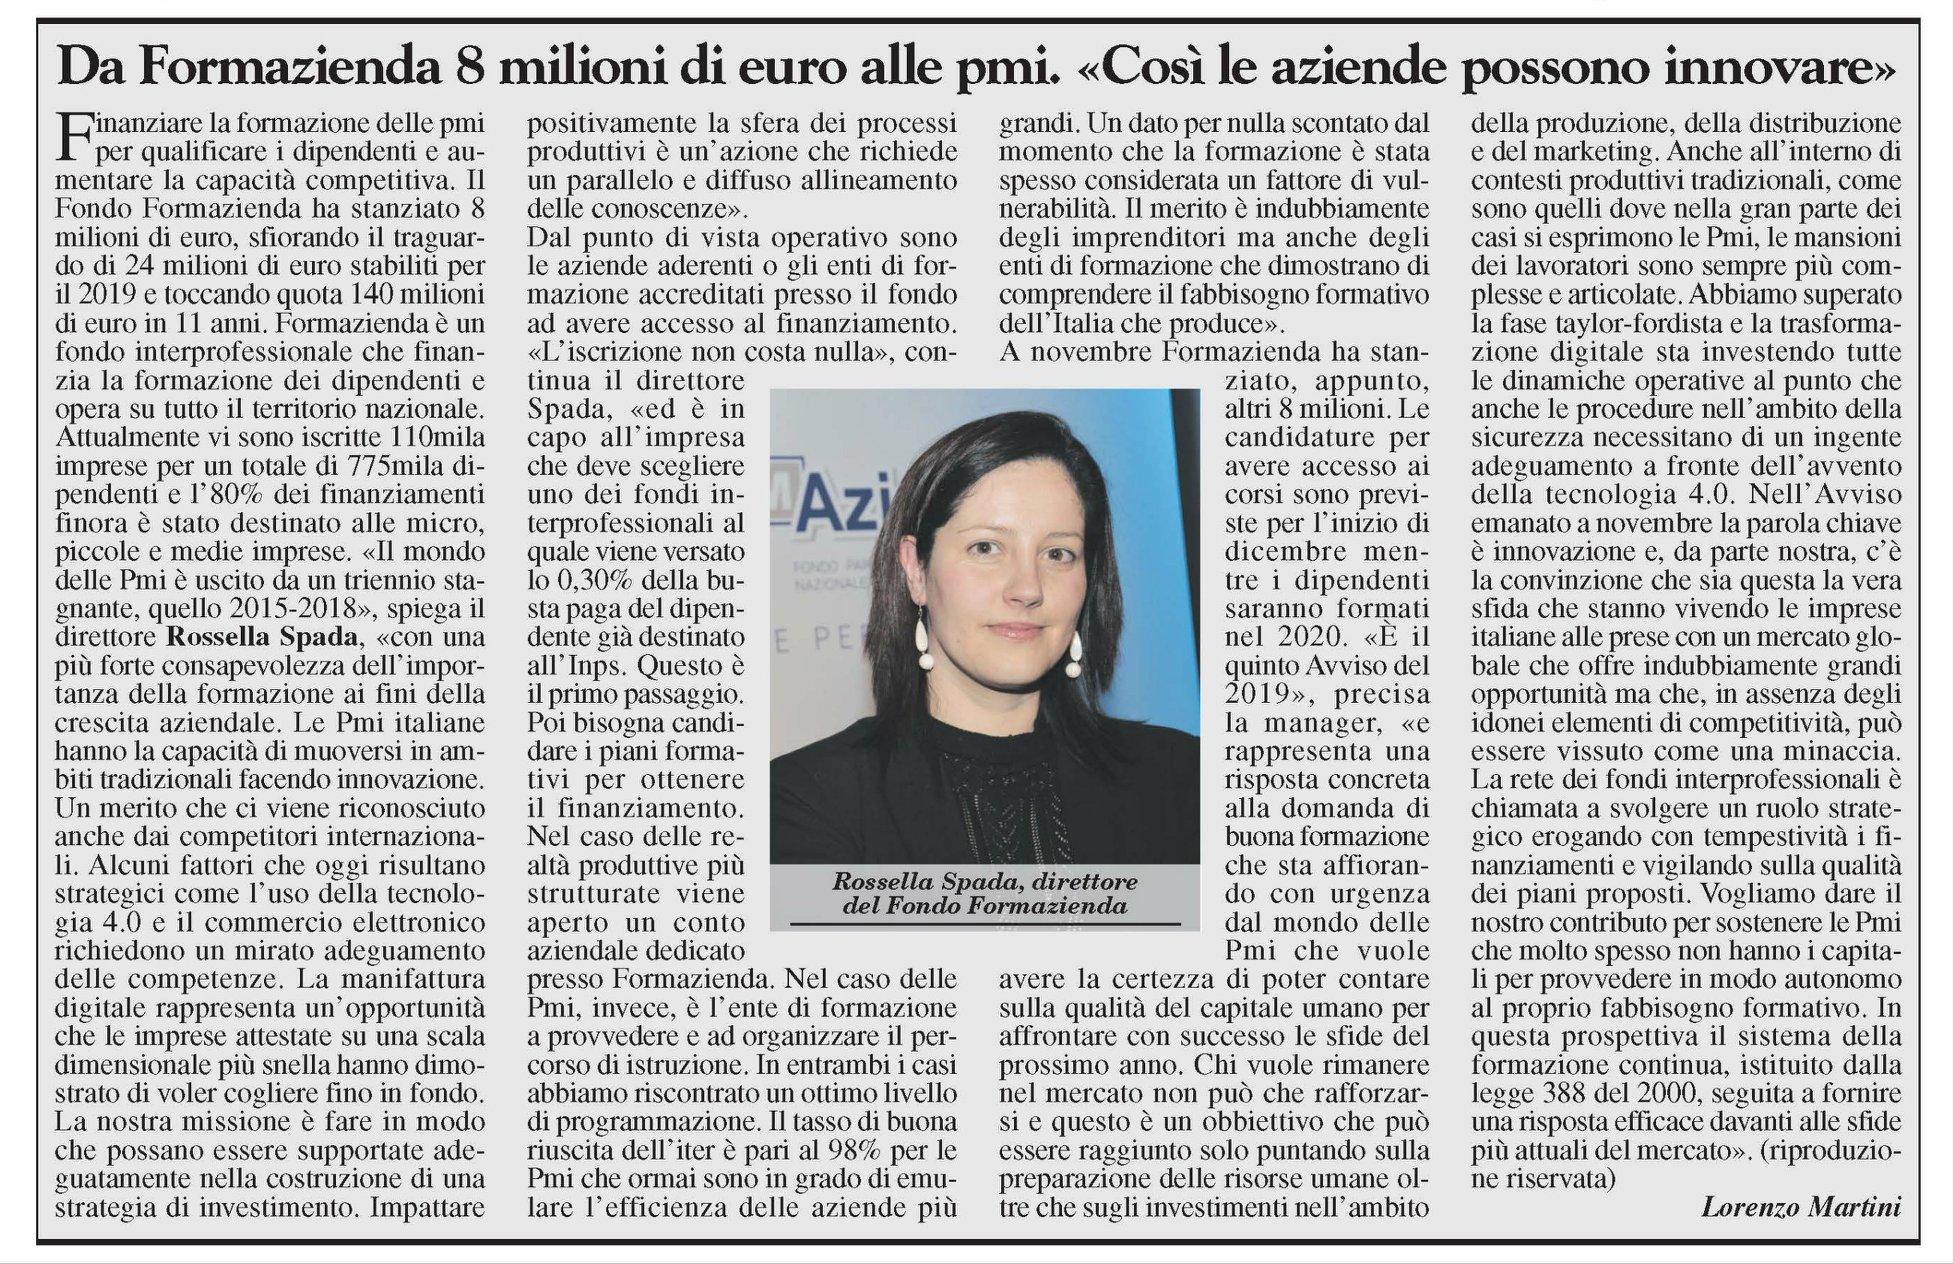 Da Formazienda 8 milioni di euro per le pmi. «Così le aziende possono innovare»